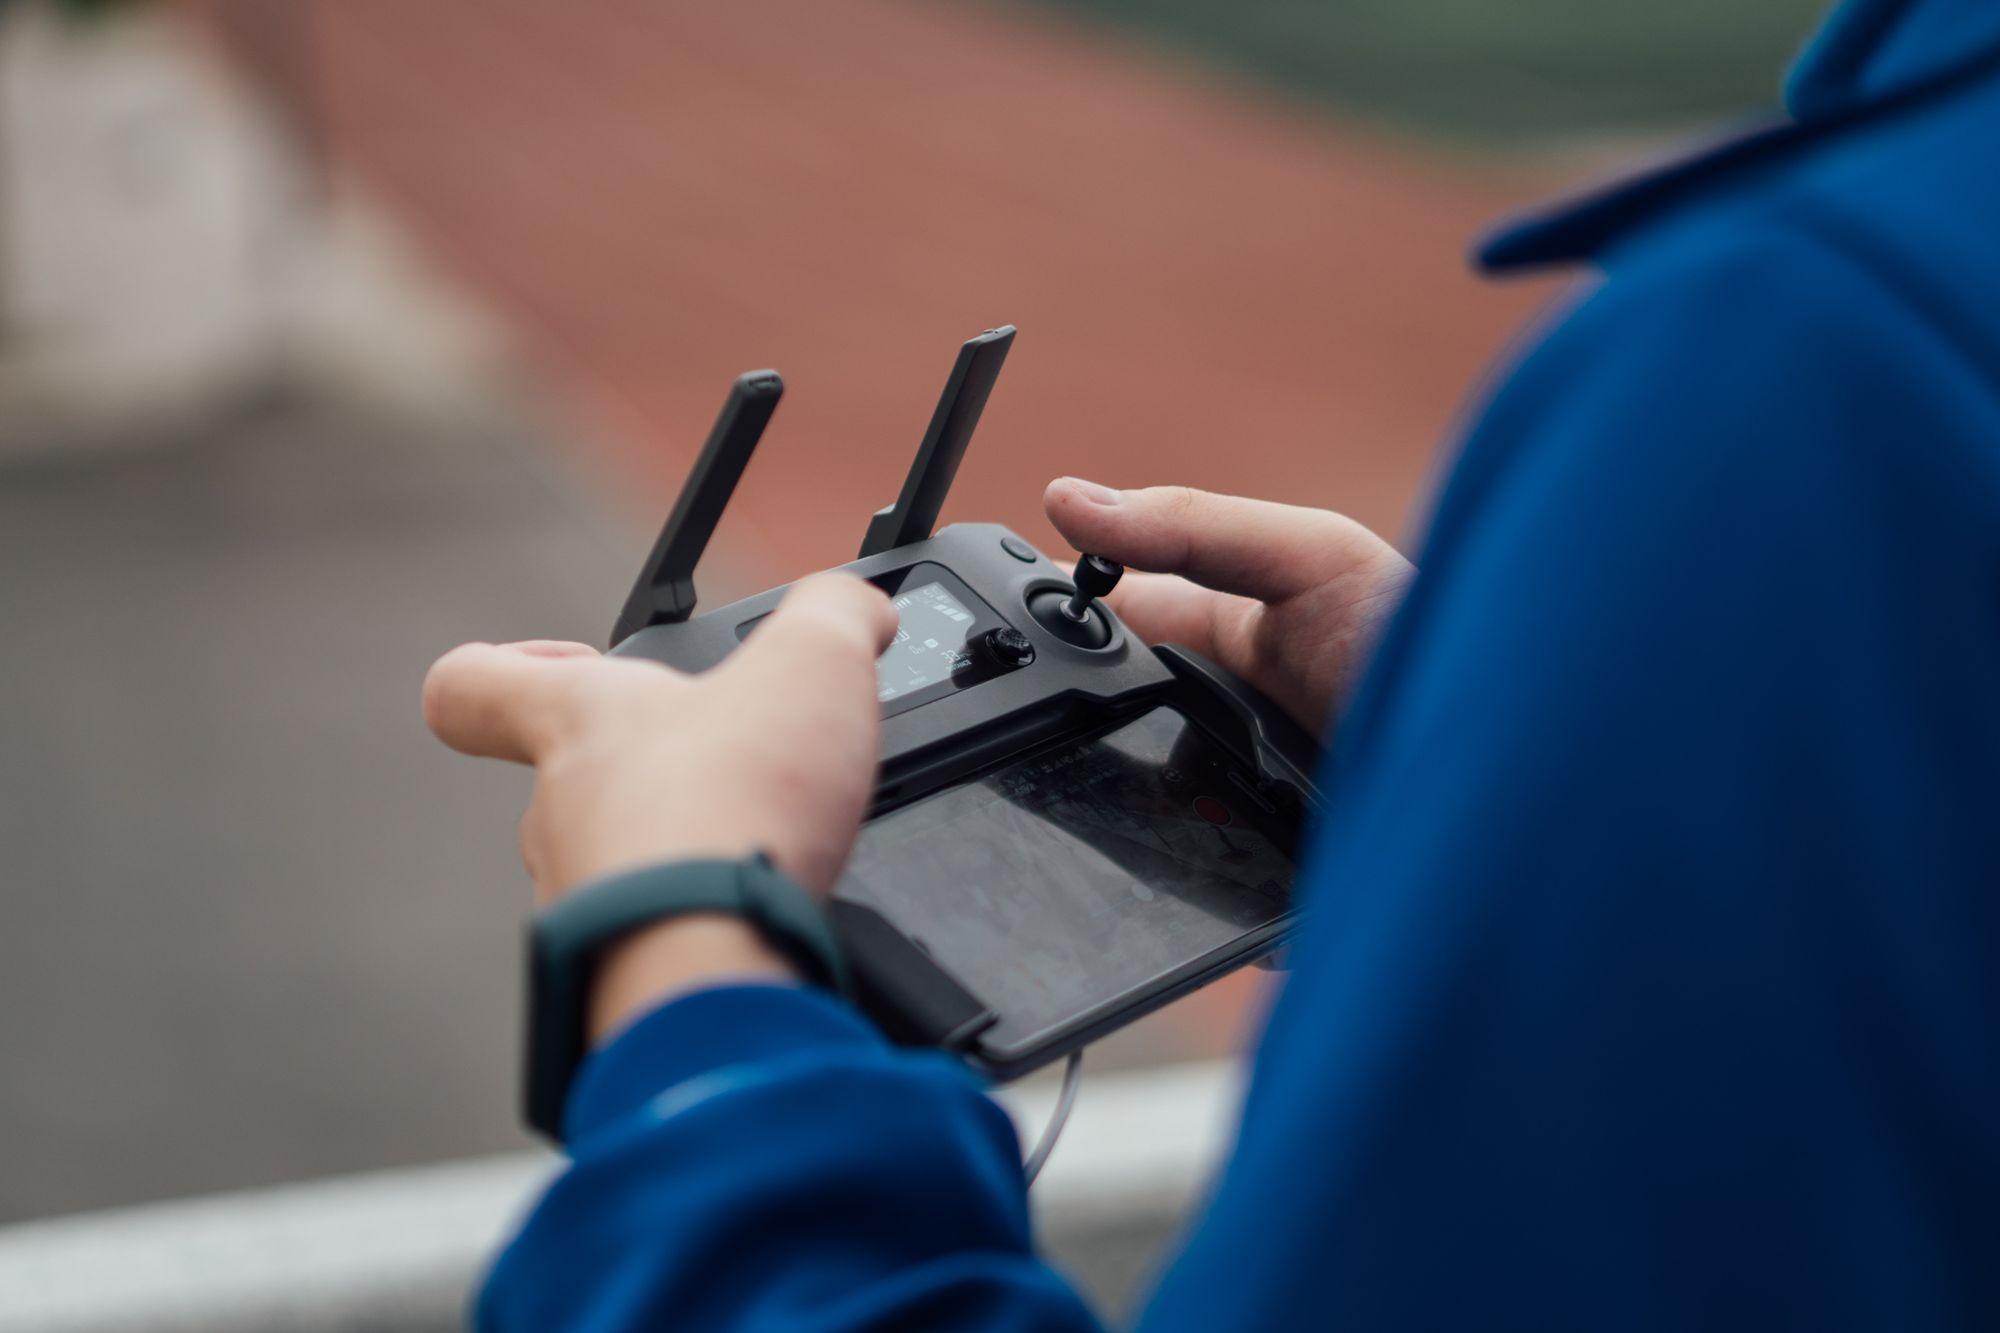 FPV remote controller